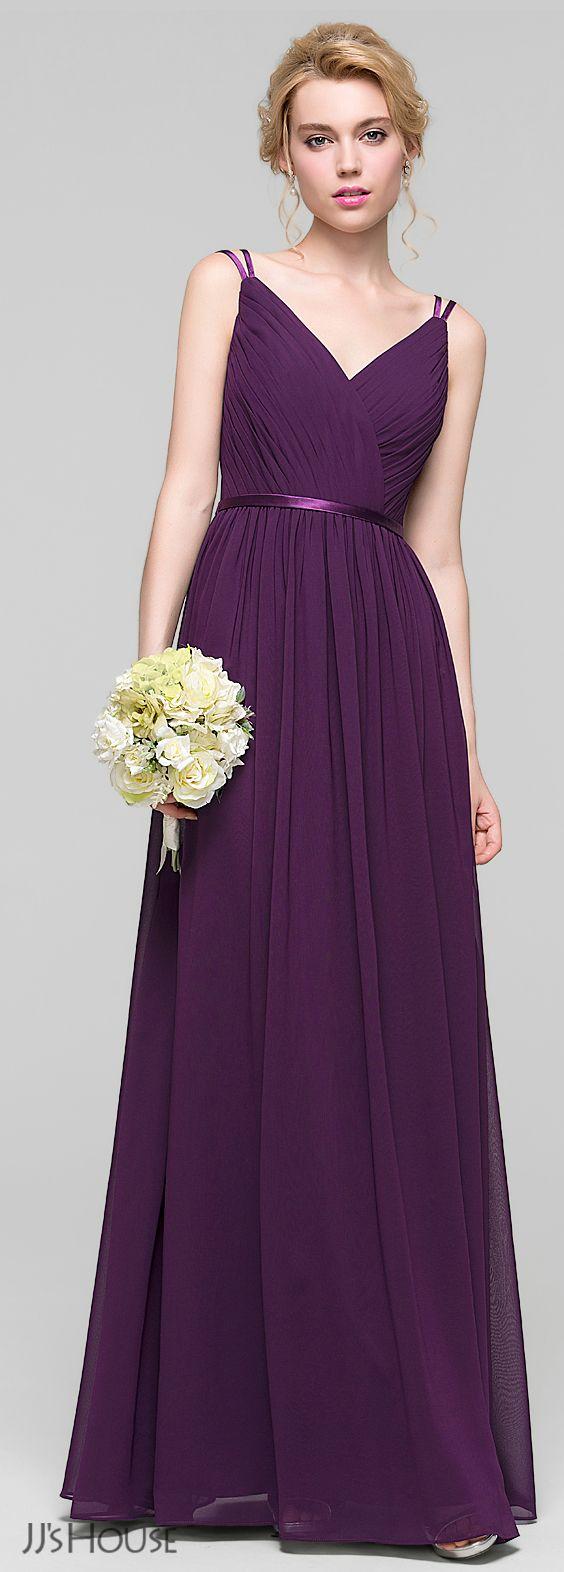 JJsHouse #Prom   robe de mariage   Pinterest   Vestiditos, Damas y ...